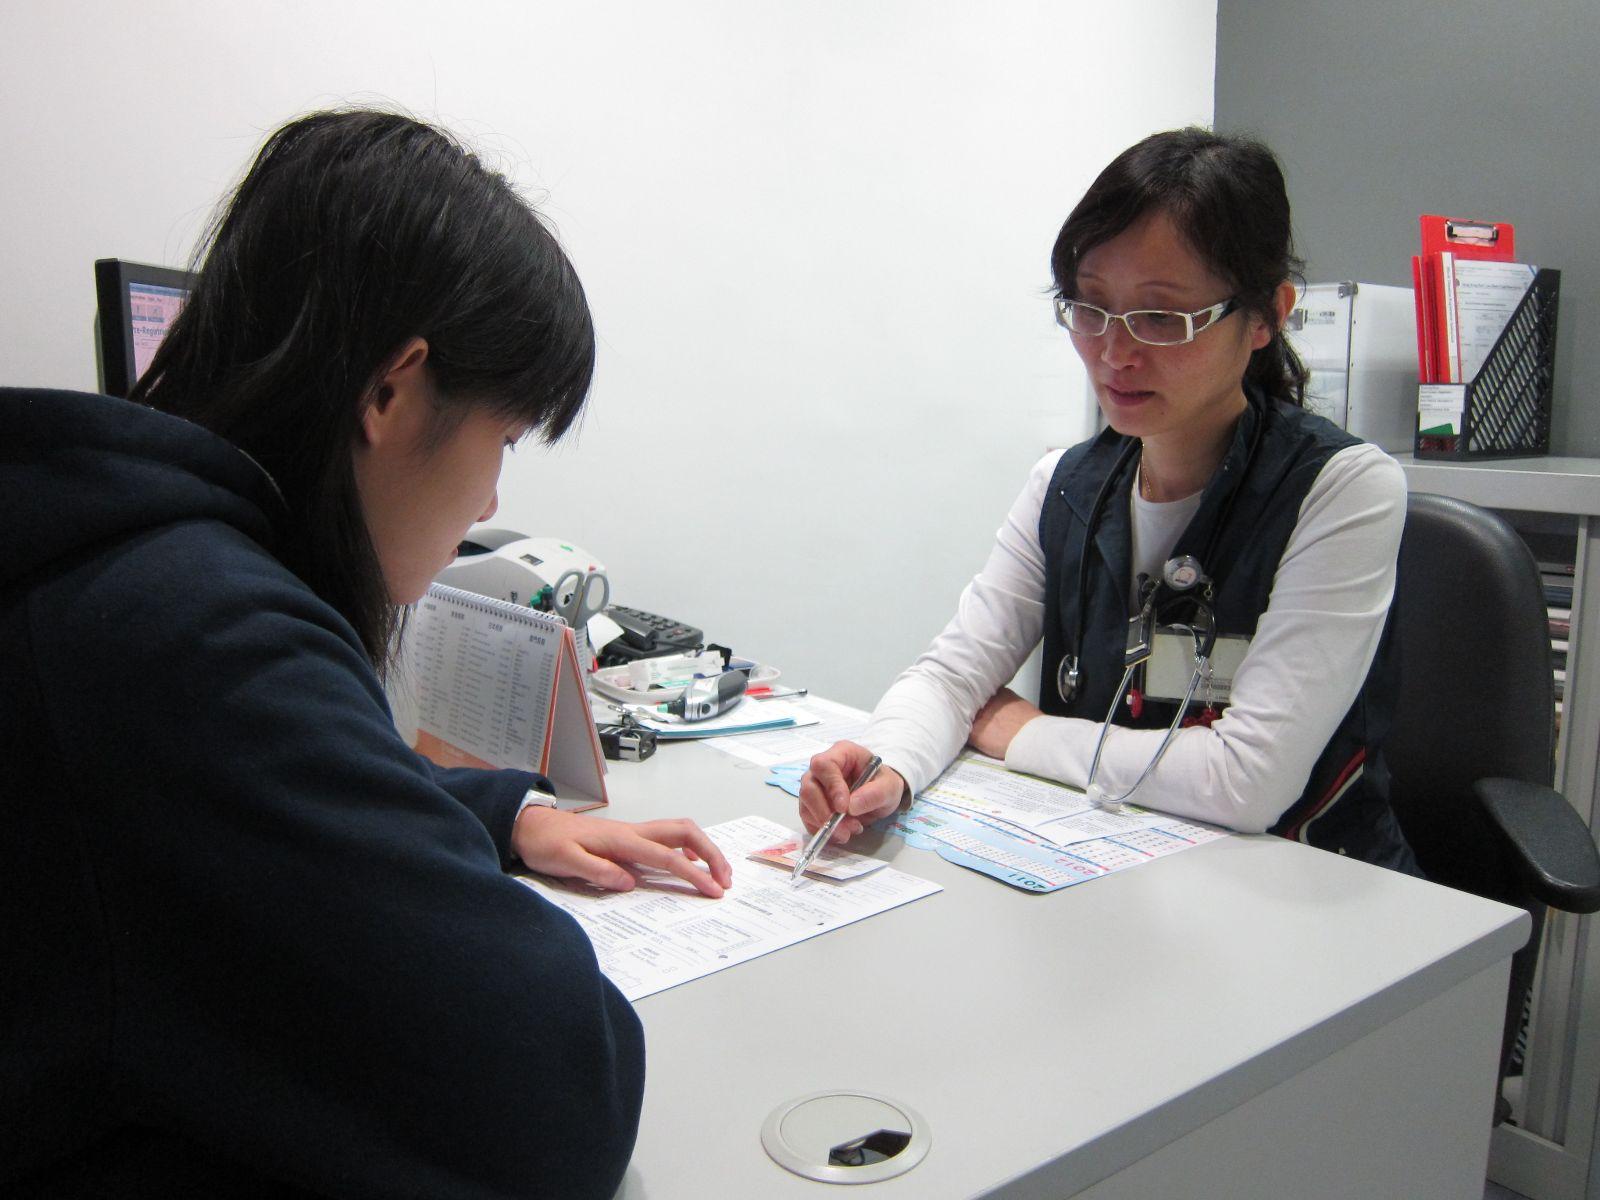 圖片: 捐血者正進行健康諮詢。